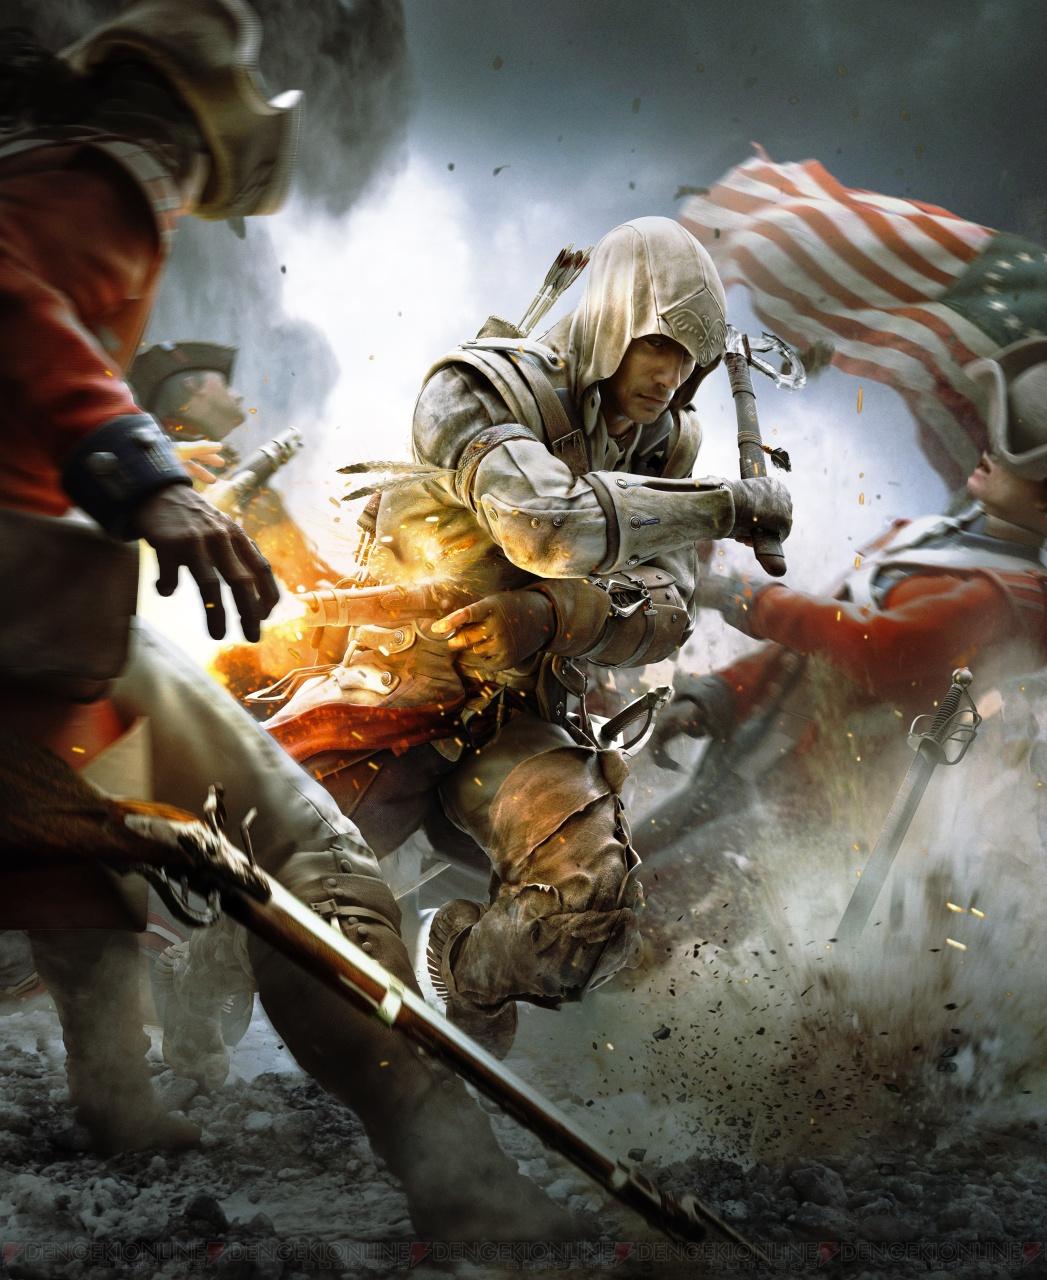 歴史の勉強のお時間です! 『アサシン クリードIII』コナーが暗躍するアメリカ独立戦争の起こりをわかりやすく解説